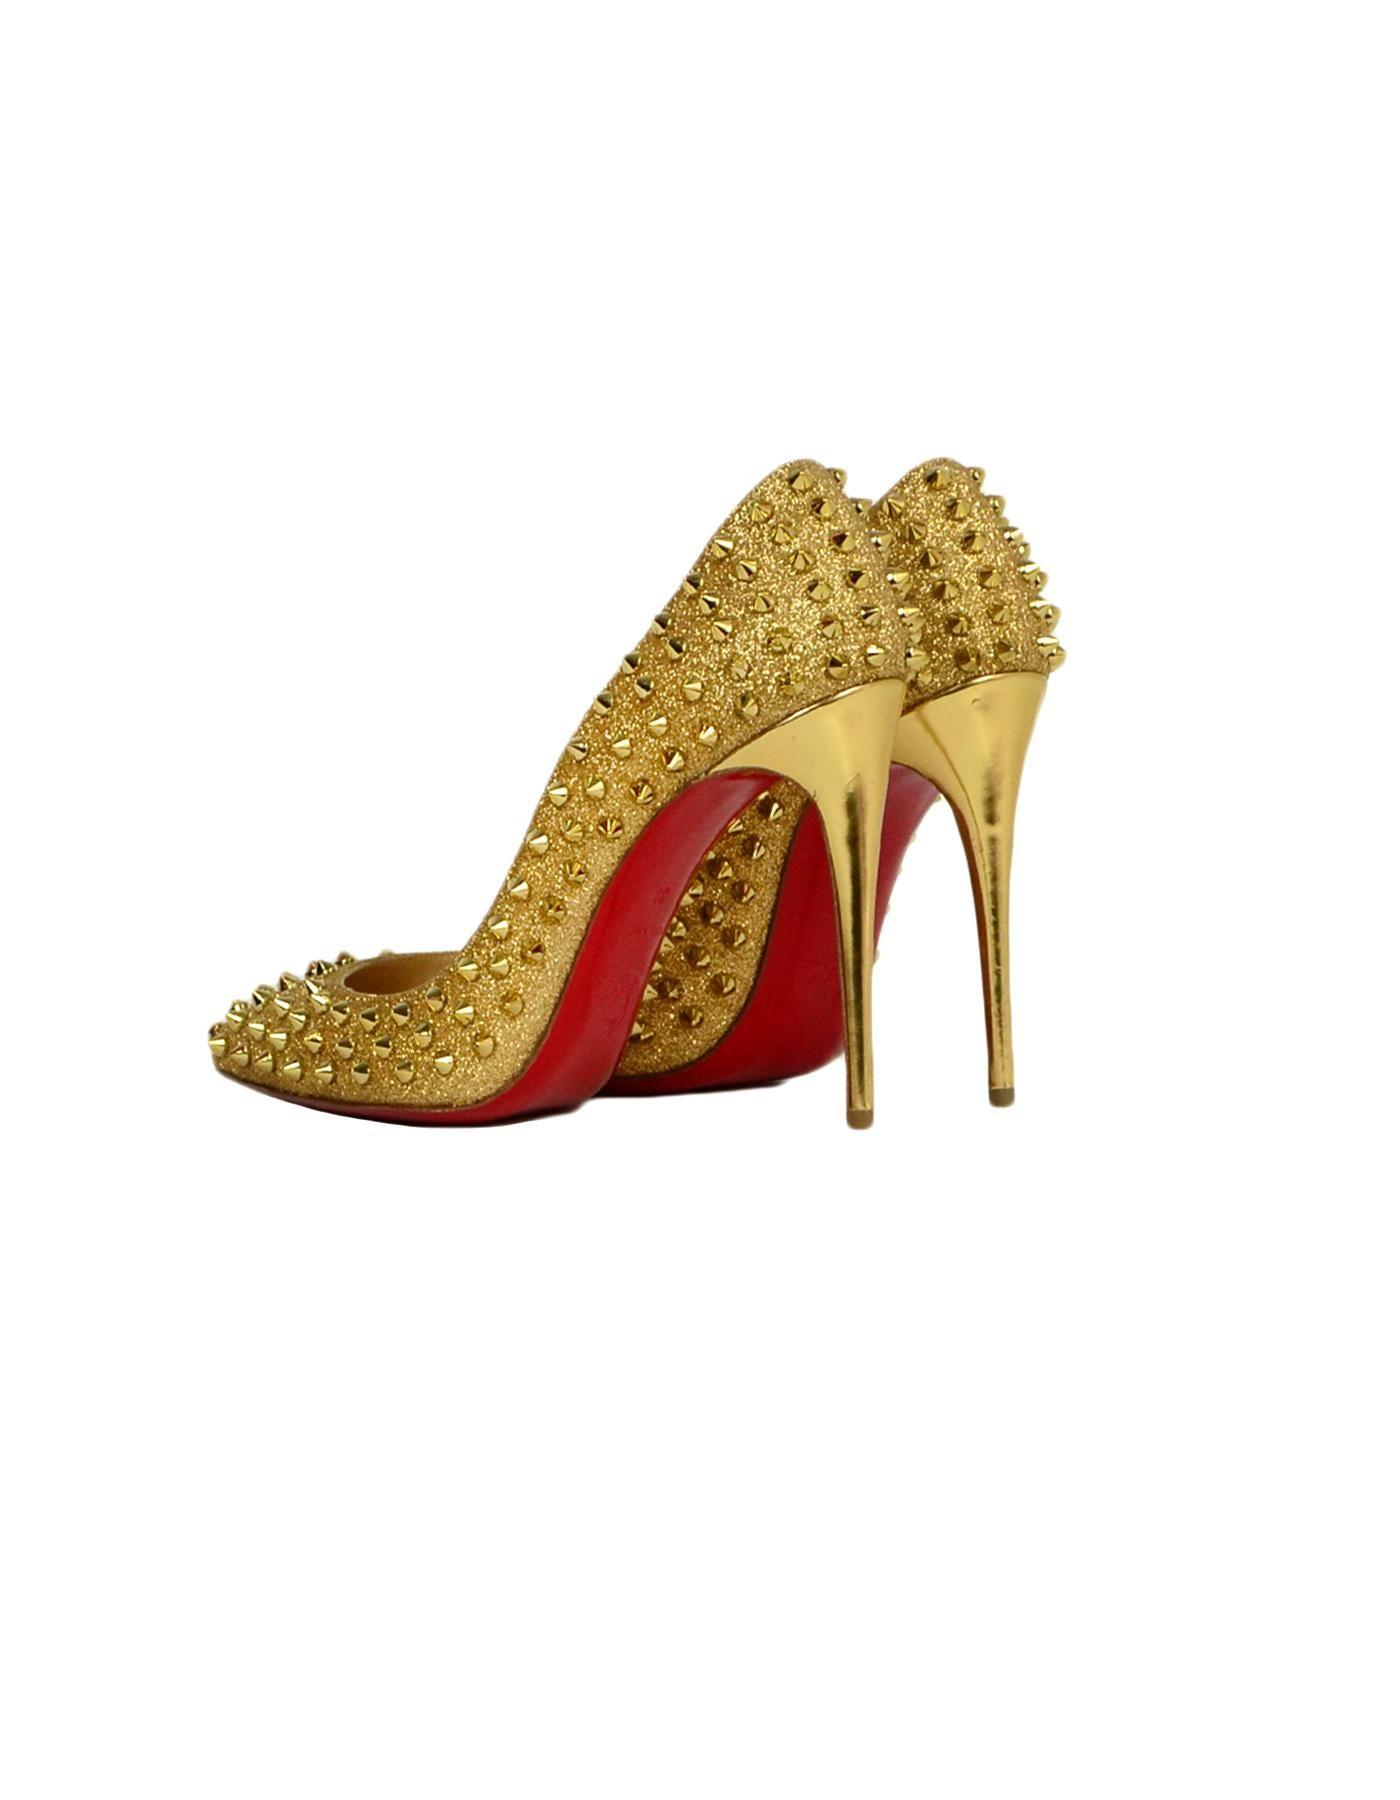 best service 0a961 bb10b Christian Louboutin Gold Glitter Pigalle Follies 120 Spike-Studded Pumps sz  39